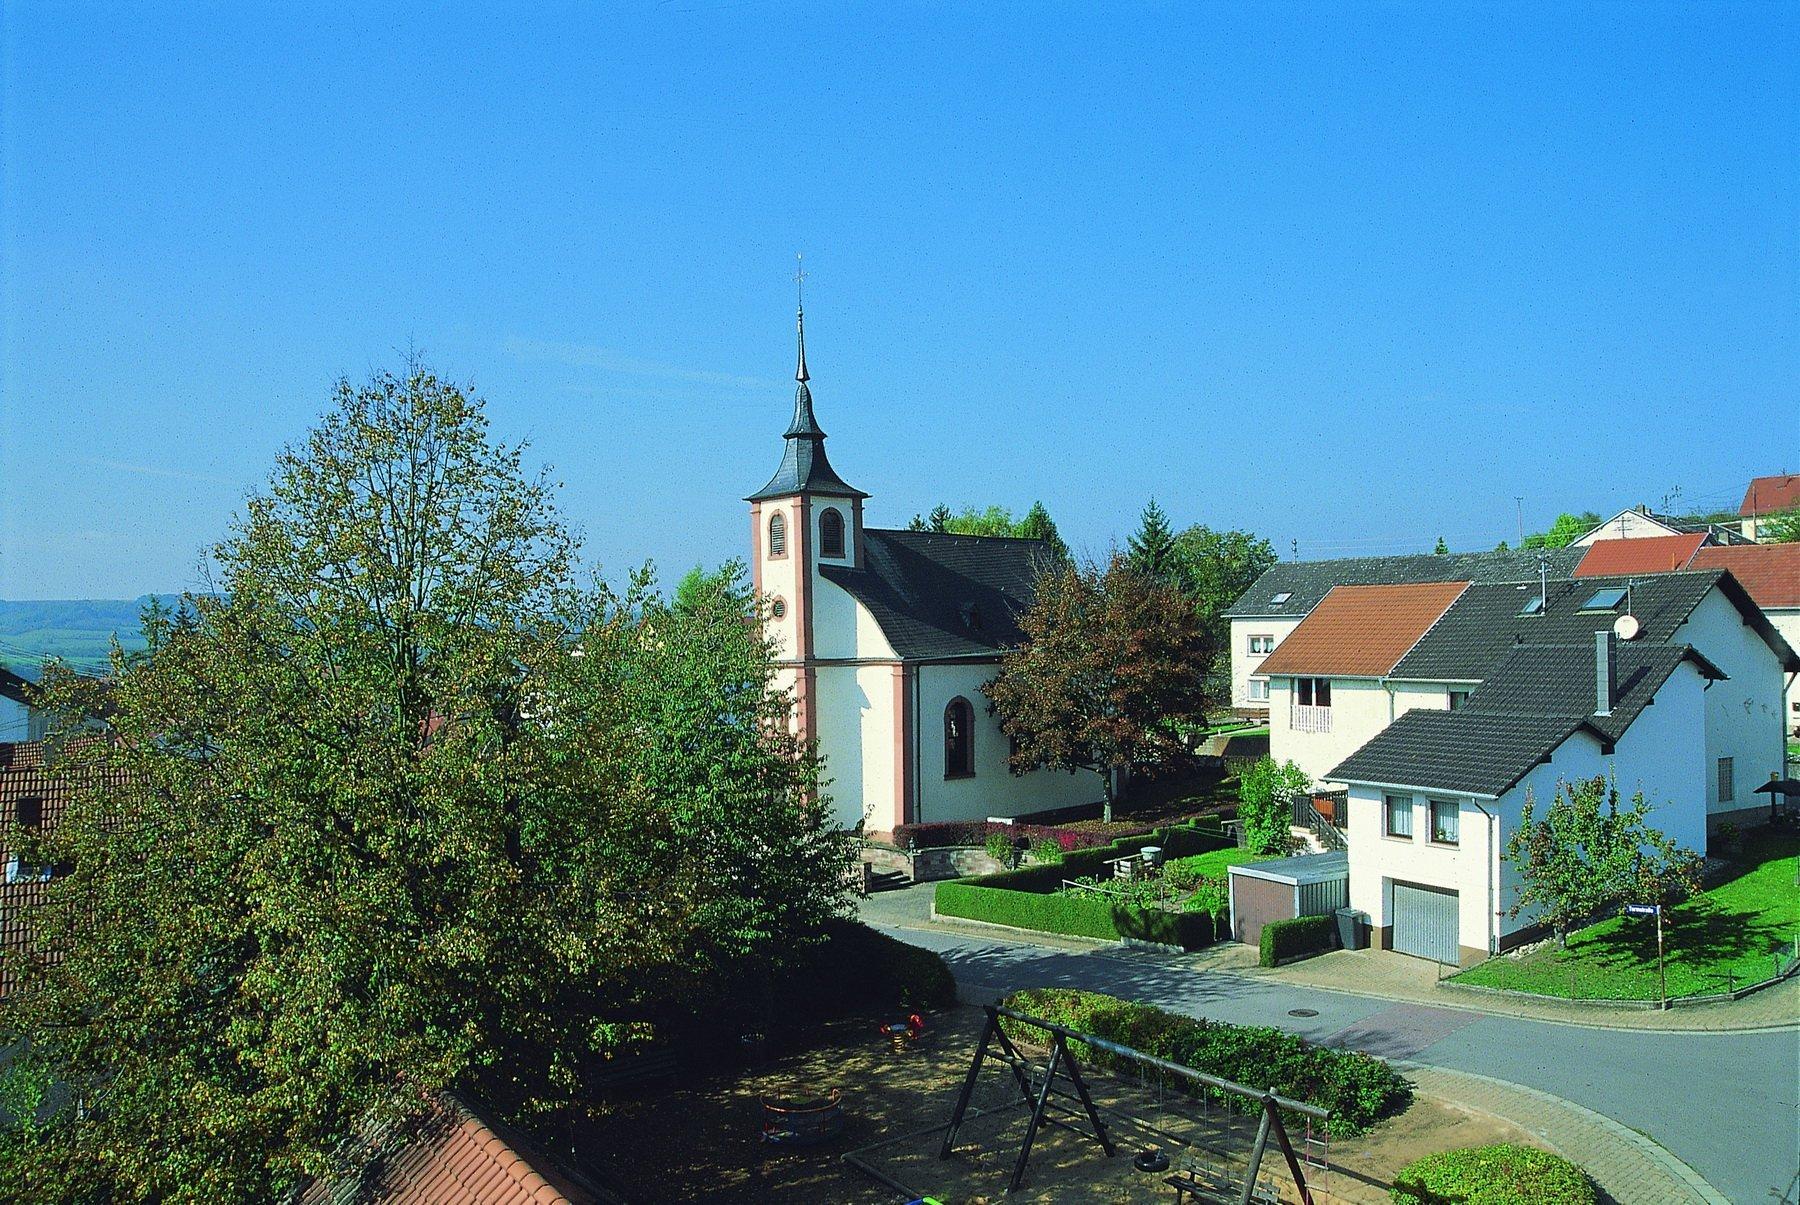 Das Bild zeigt die Kapelle Harlingen von außen.